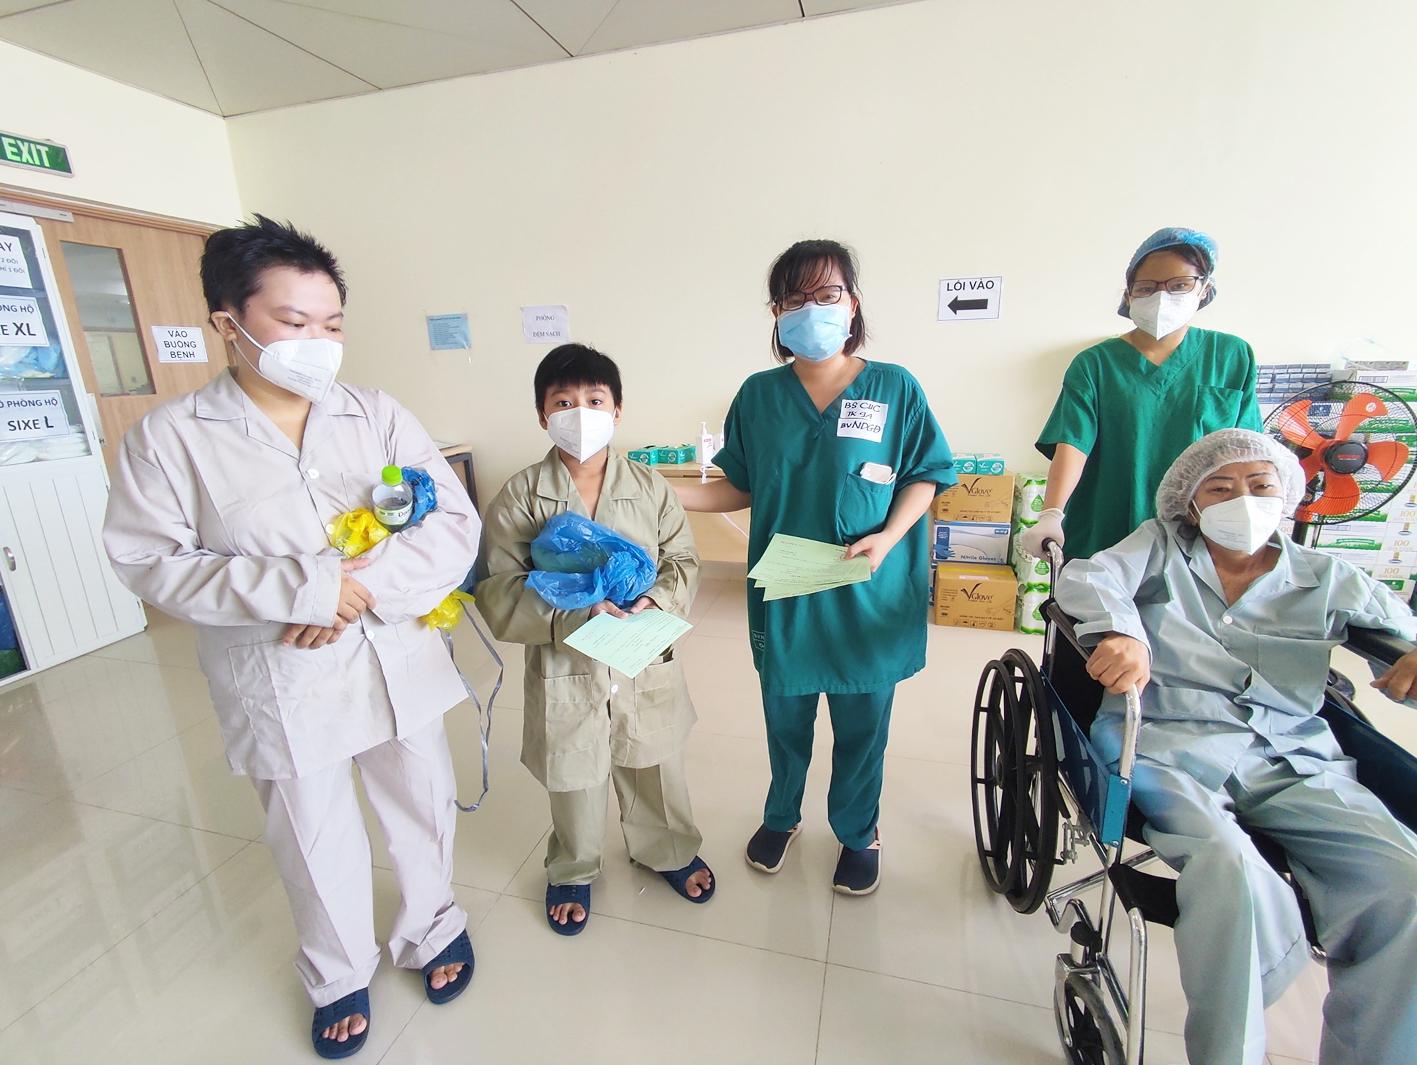 Ngô Hoàng Yến (bìa trái) được xuất viện vào sáng 1/8 từ Bệnh viện Hồi sức COVID-19 TP.HCM